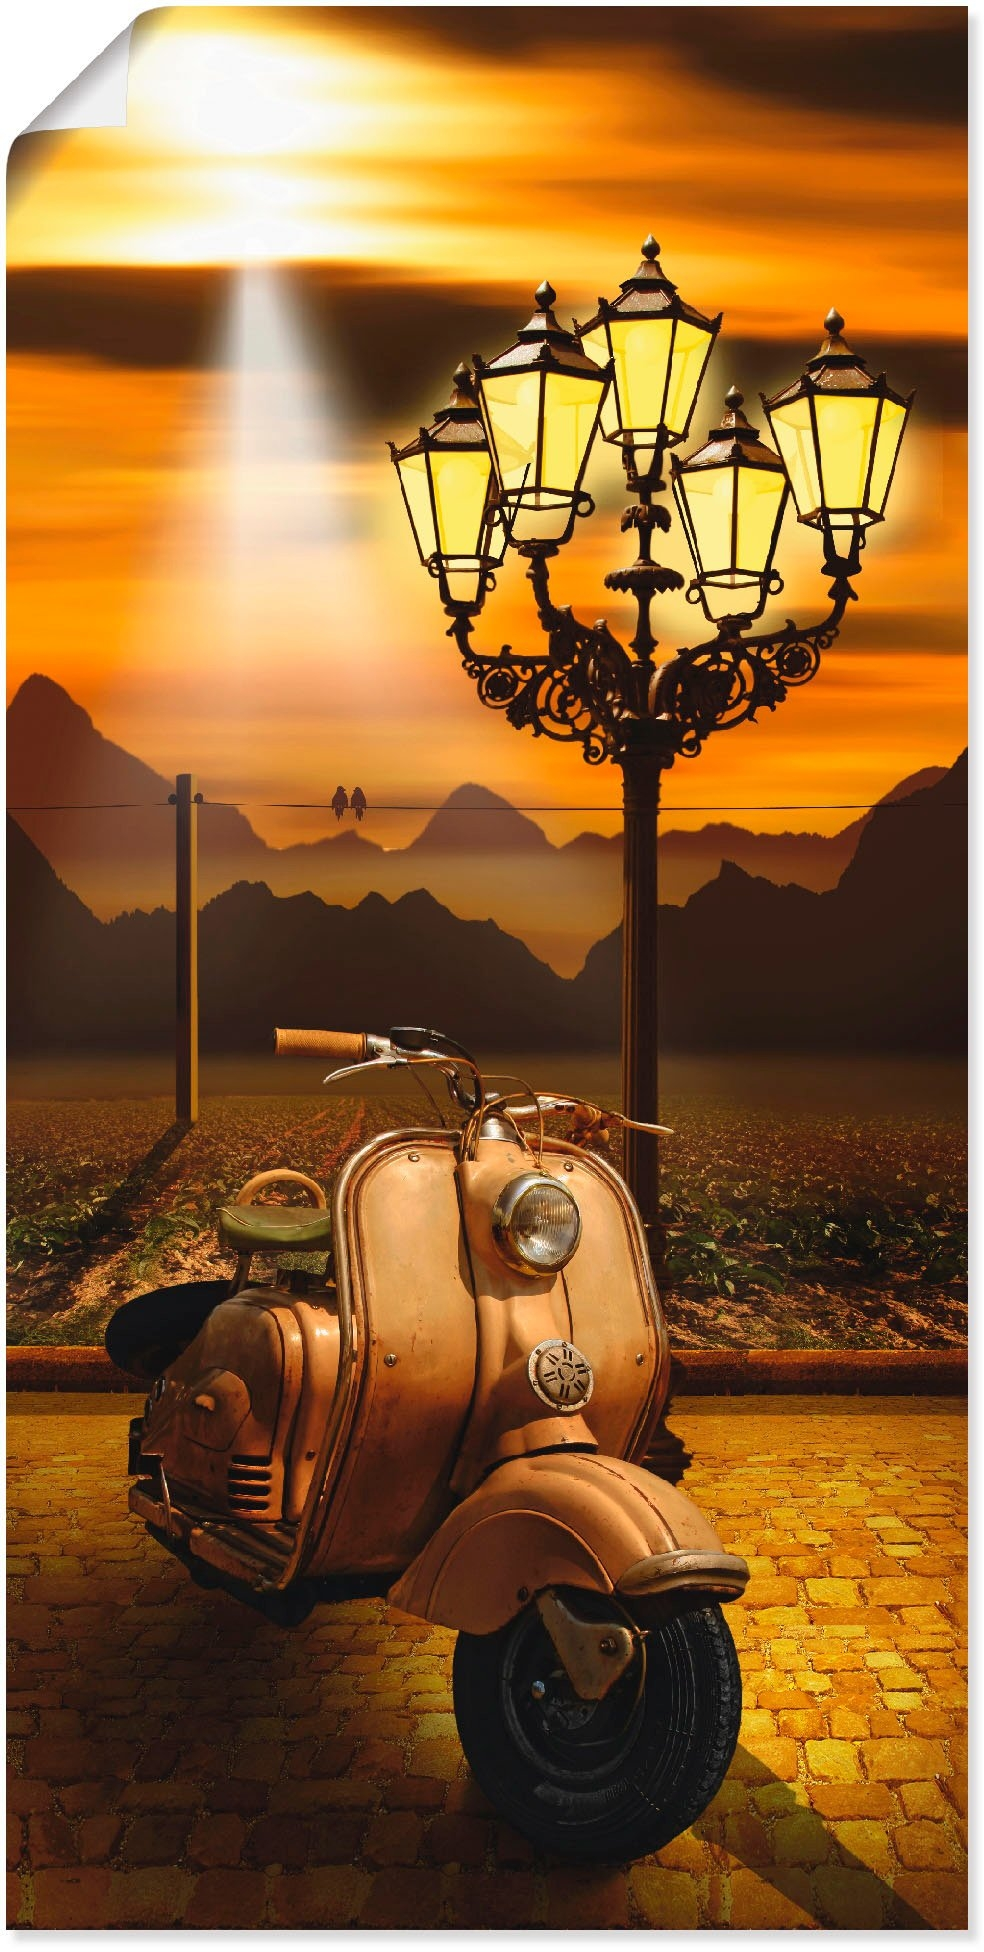 Artland artprint Oldtimer scooter romantisch in vele afmetingen & productsoorten -artprint op linnen, poster, muursticker / wandfolie ook geschikt voor de badkamer (1 stuk) nu online kopen bij OTTO